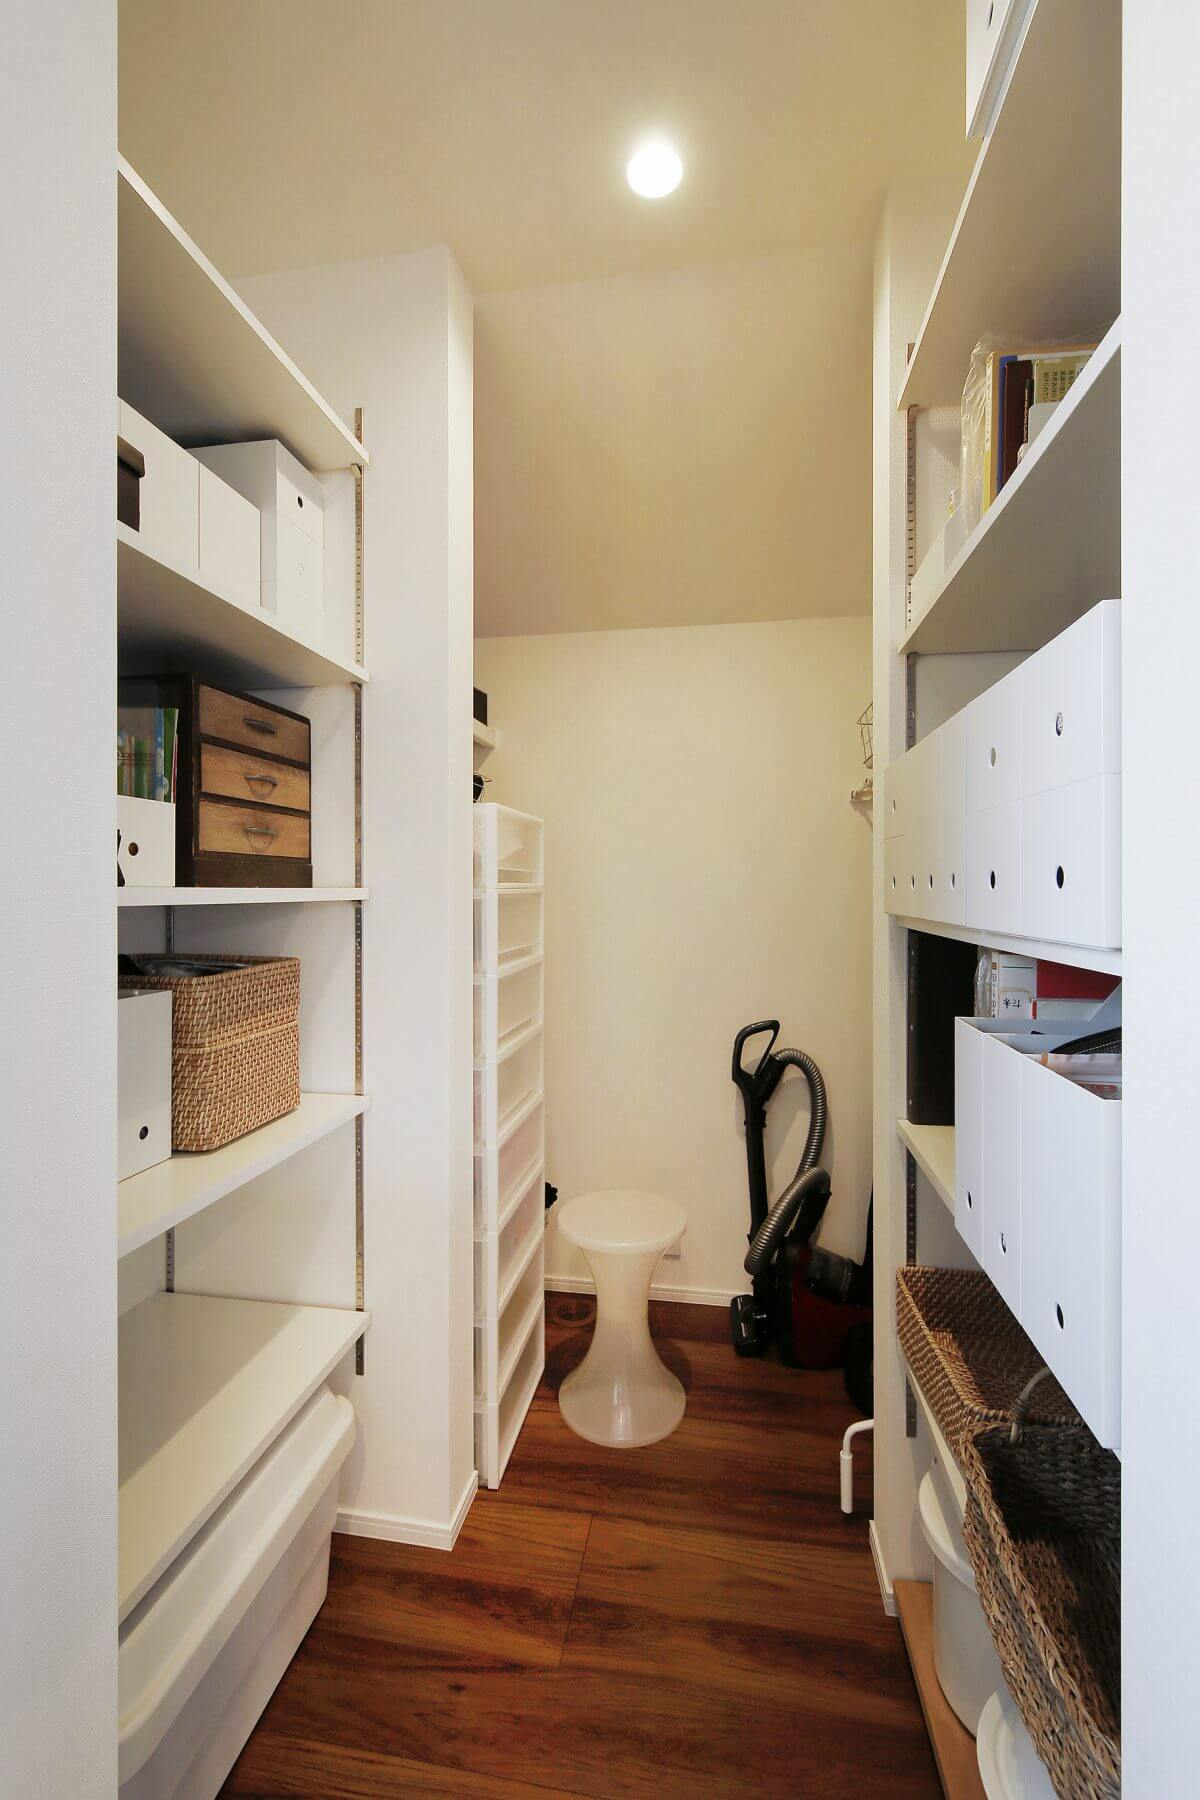 キッチンの横には、広いパントリー兼マルチ収納スペースを設置しました。食品はもちろん、日常的に使用する細々としたものまで、すべてスッキリと収めることができます。